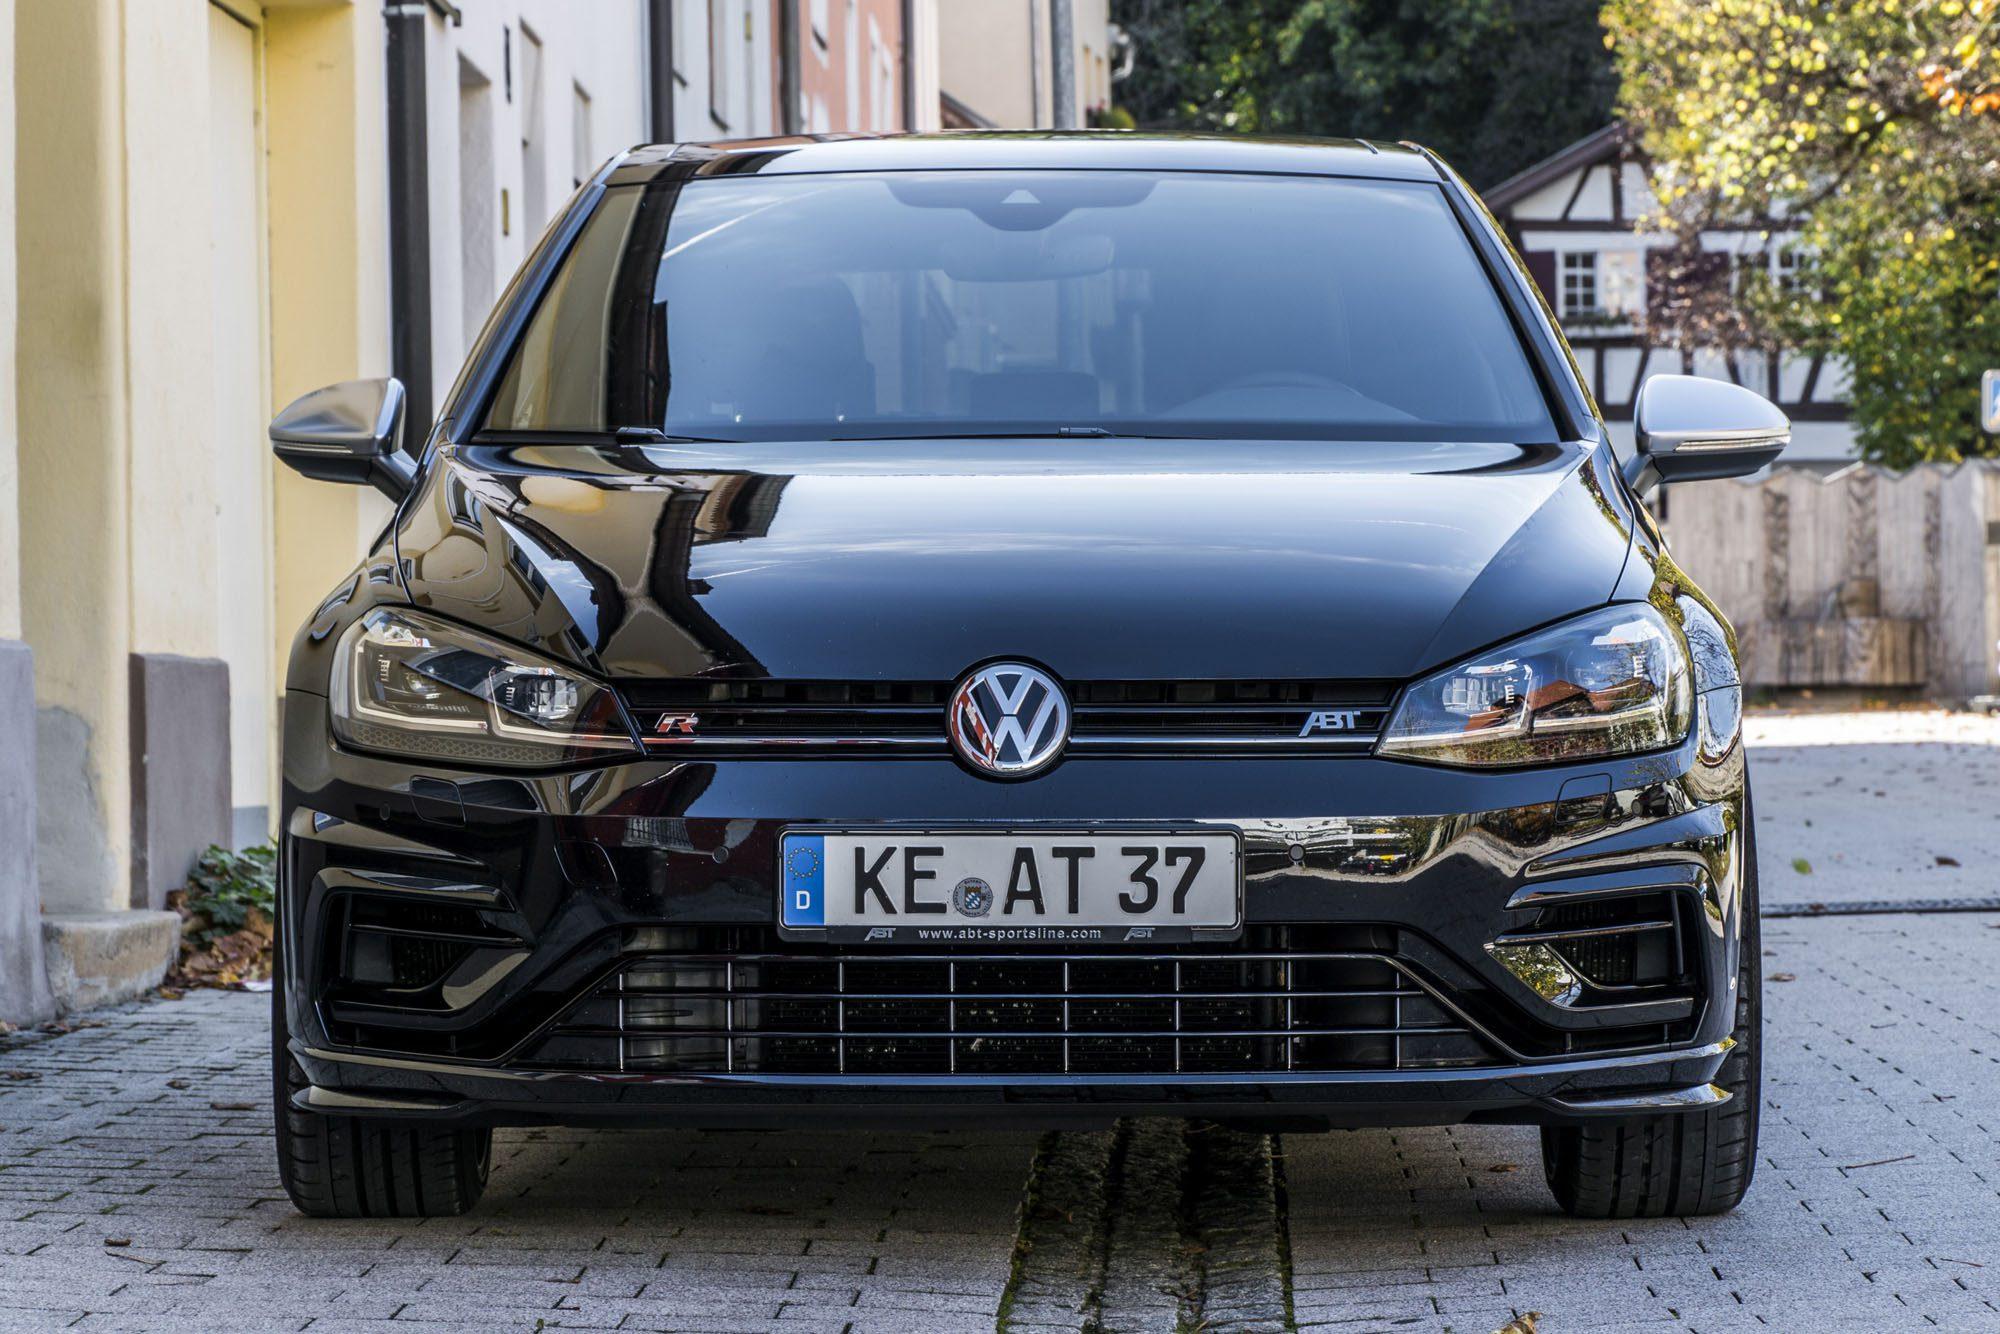 Frontansicht des VW Golf 7 R Facelift von ABT Sportsline